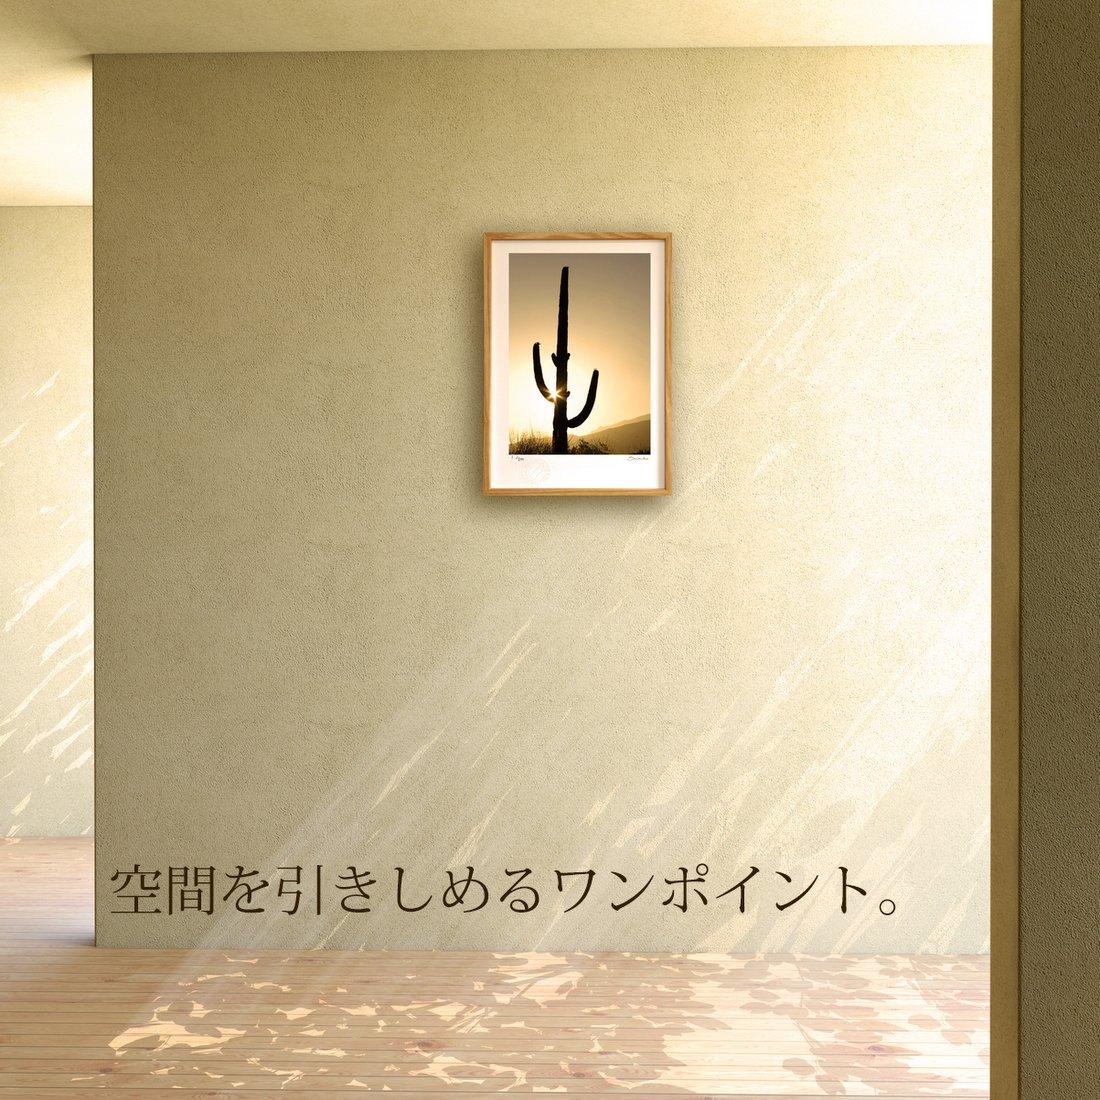 【版画 絵画】飛行中のミツバチ  (スミコ スコット)/インテリア 壁掛け 額入り アート アートパネル アートフレーム